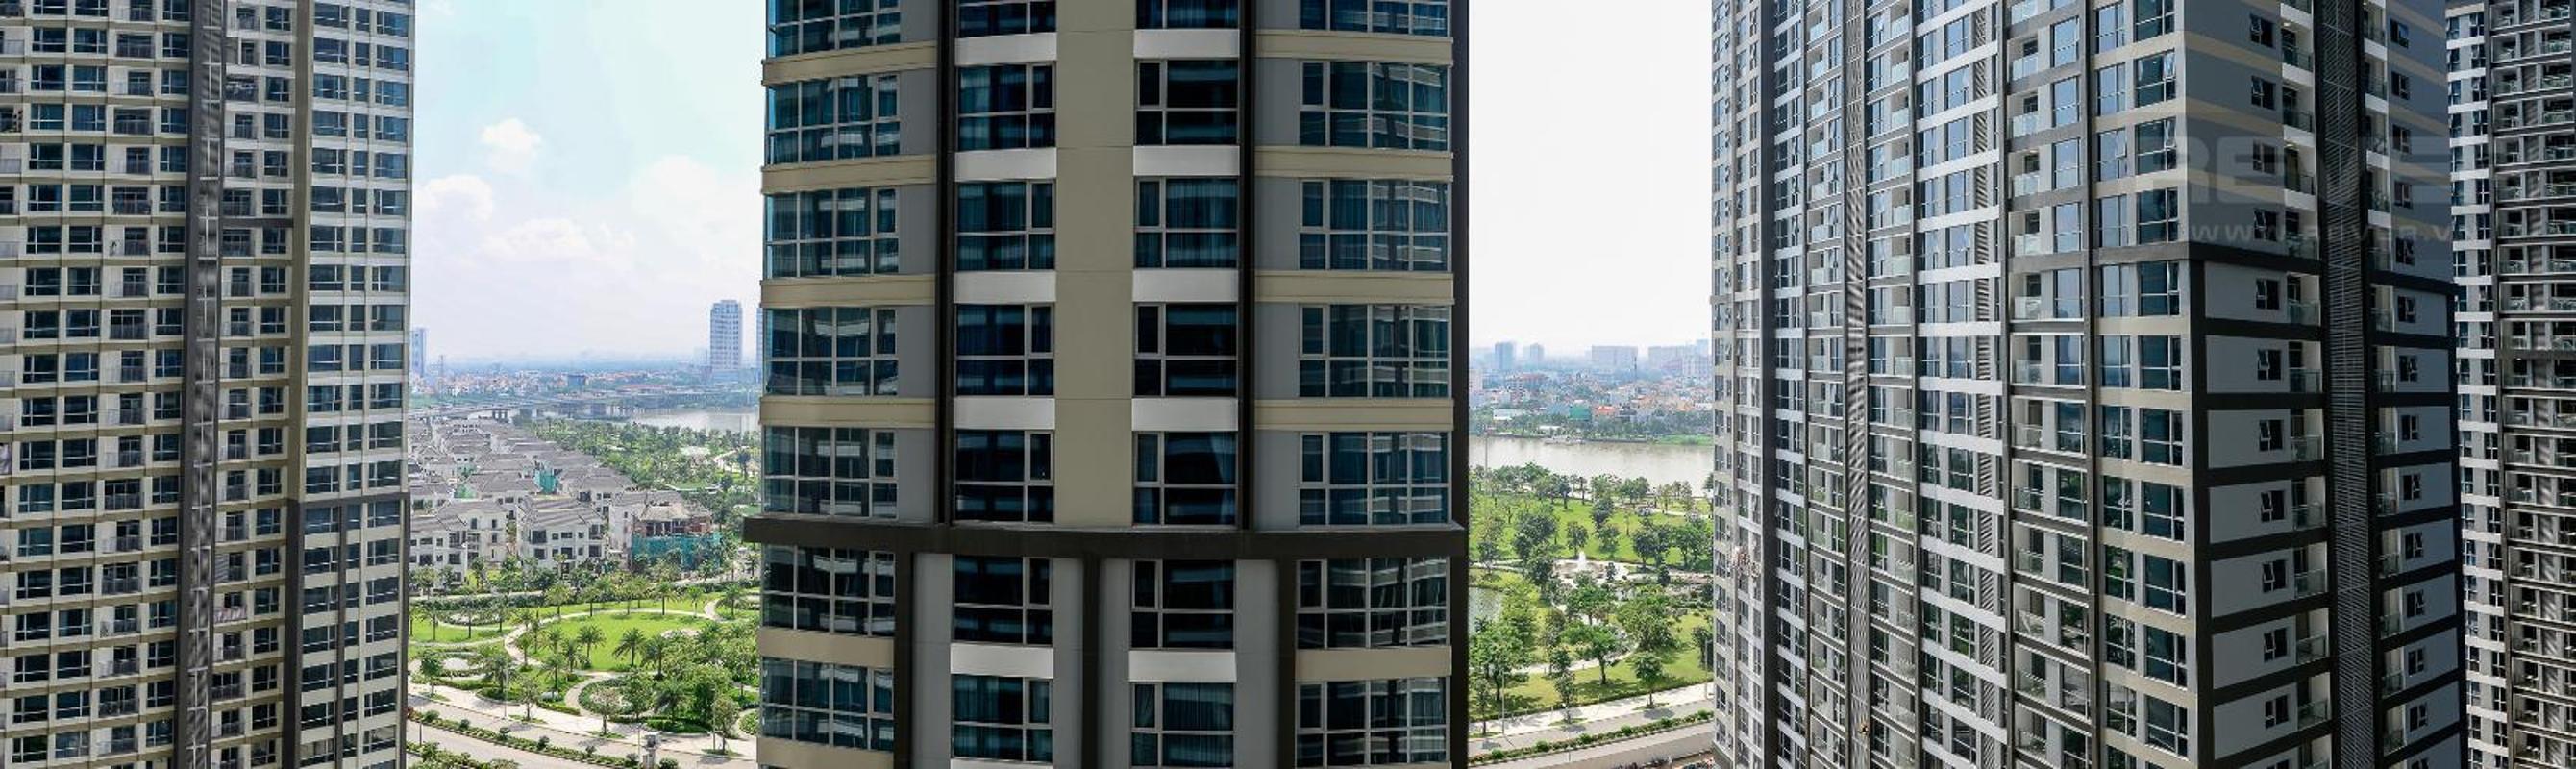 6WyXWJHdzAhQlg2m Bán căn hộ Vinhomes Central Park 3 phòng ngủ, tháp Park 6, đầy đủ nội thất, hướng Đông Bắc